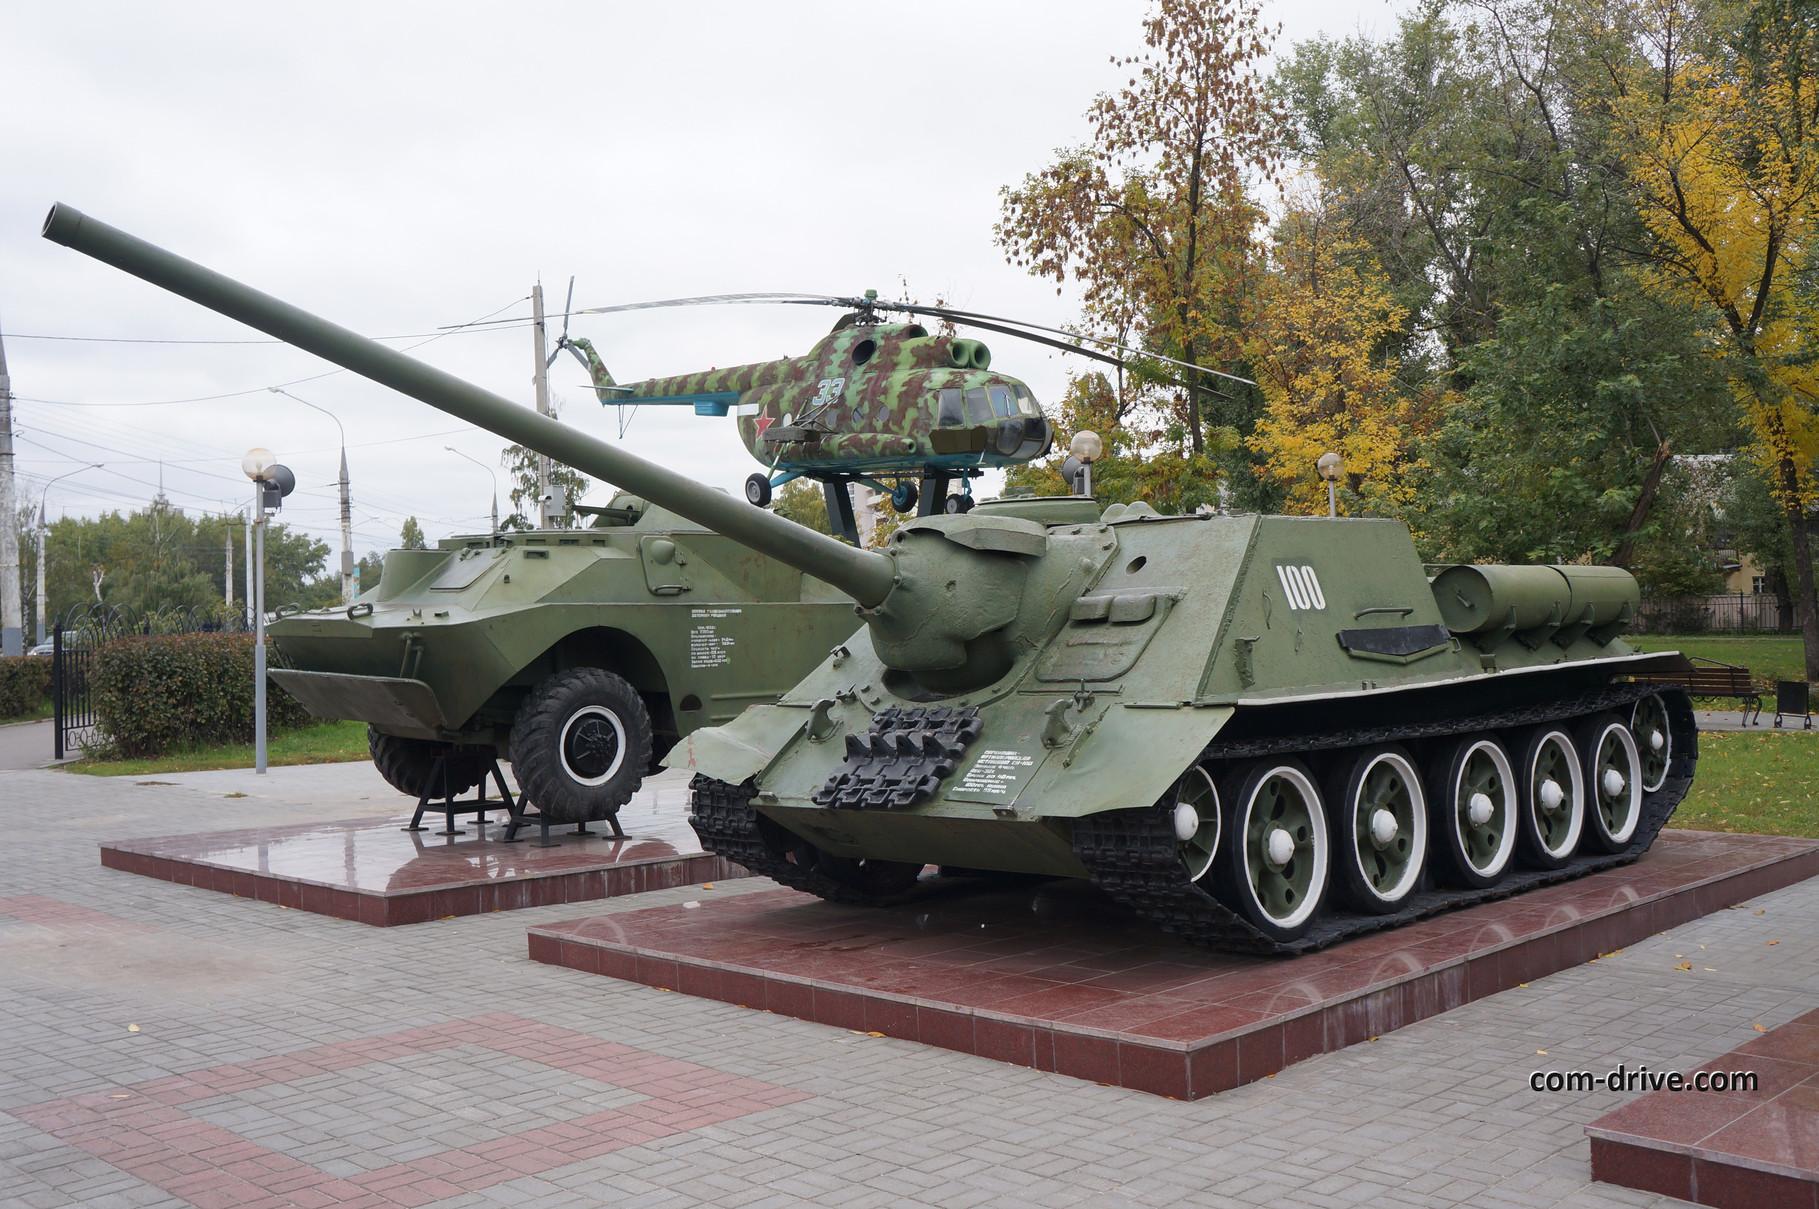 Похоже, самоходная установка СУ-100 пользуется повышенным интересом в Воронеже